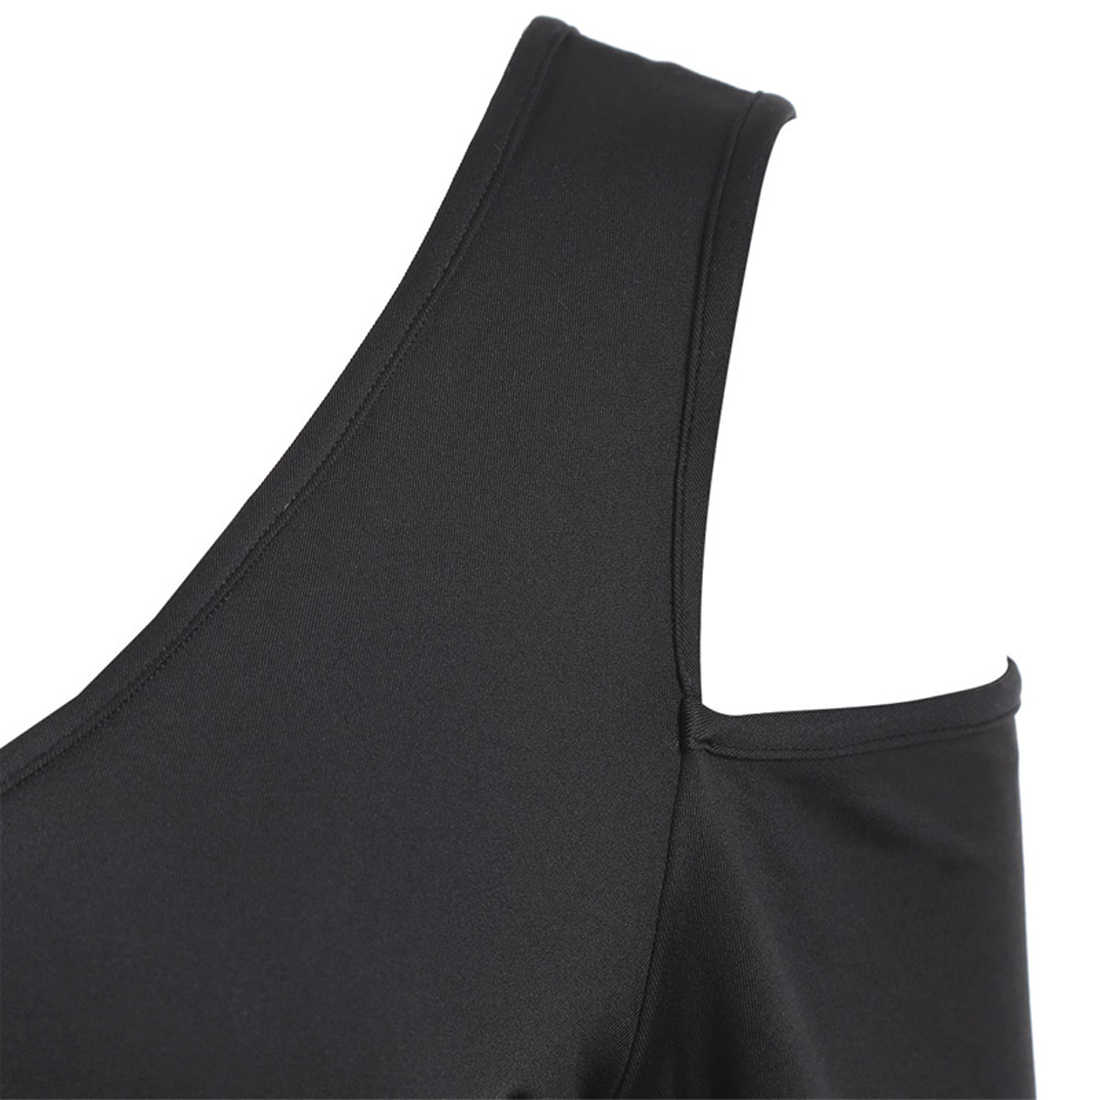 Wipalo плюс Размеры Для женщин Винтаж платье длина до колен V шеи Flare платье В лоскутном стиле подчеркивающий талию линии Элегантные свободное платье